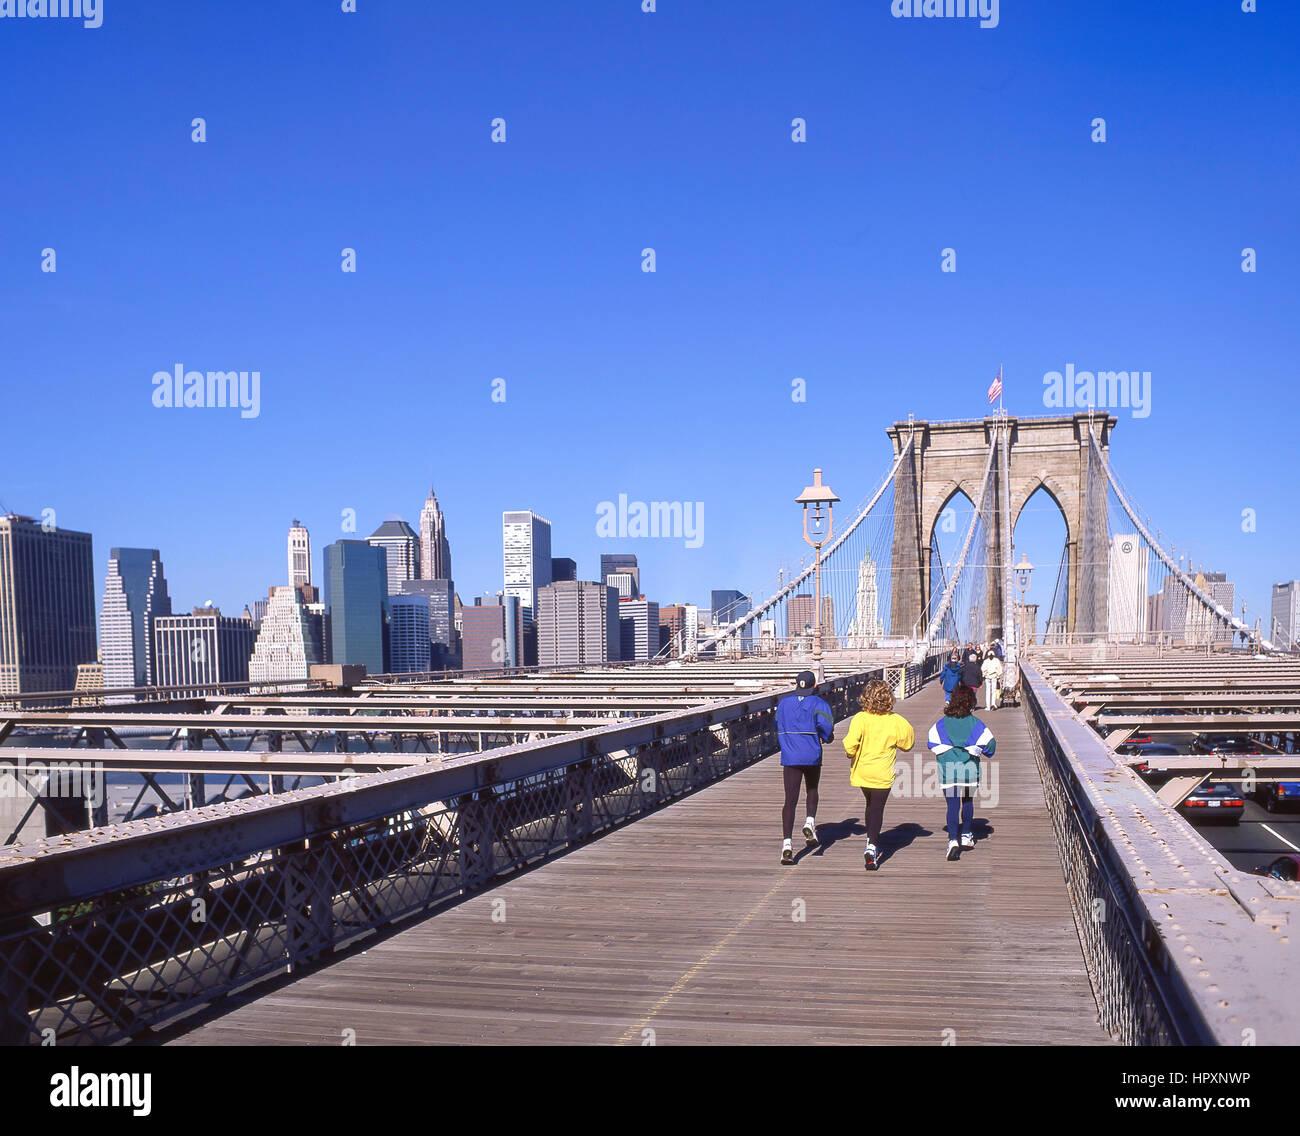 Passaggio pedonale oltre il Ponte di Brooklyn, Manhattan, New York, nello Stato di New York, Stati Uniti d'America Immagini Stock